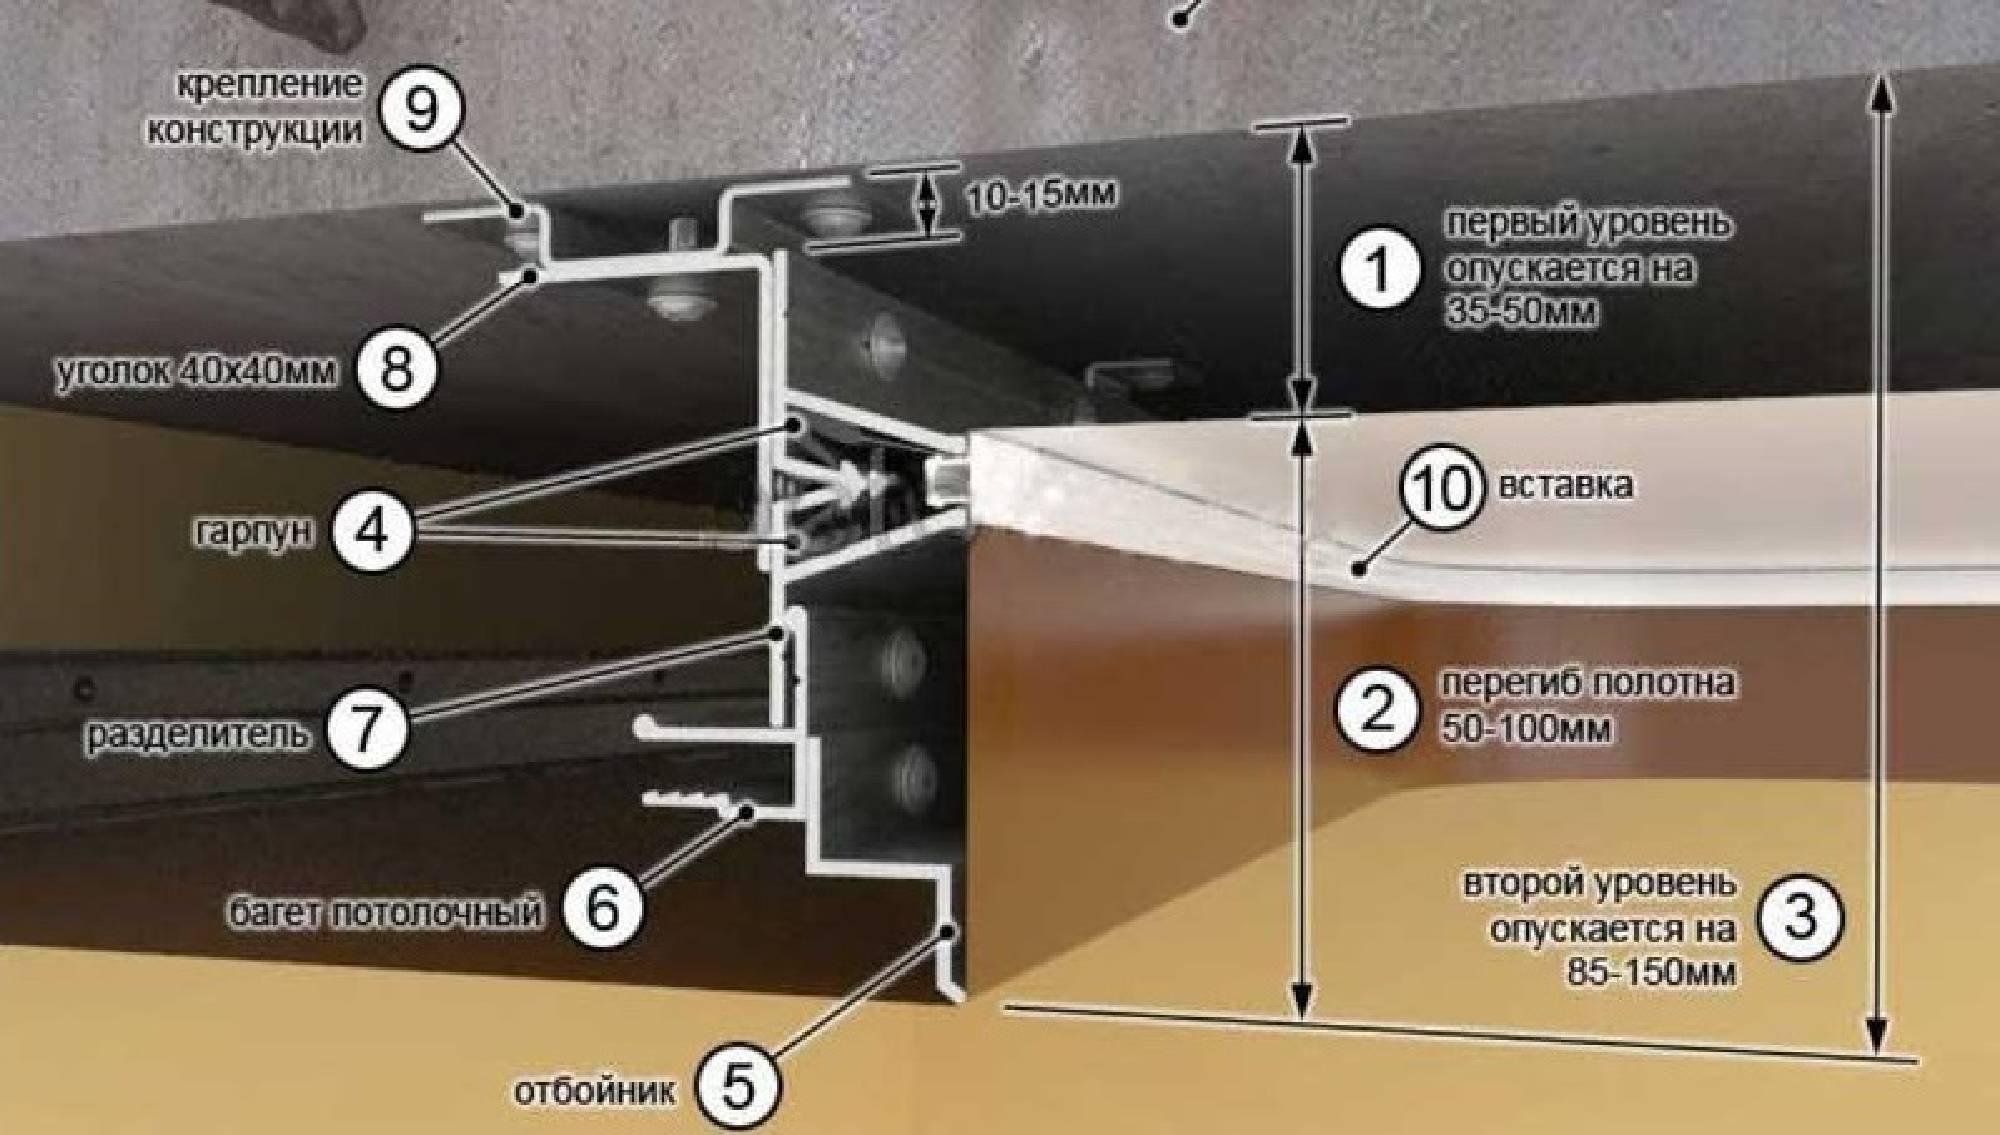 Конструкция-натяжных-потолков